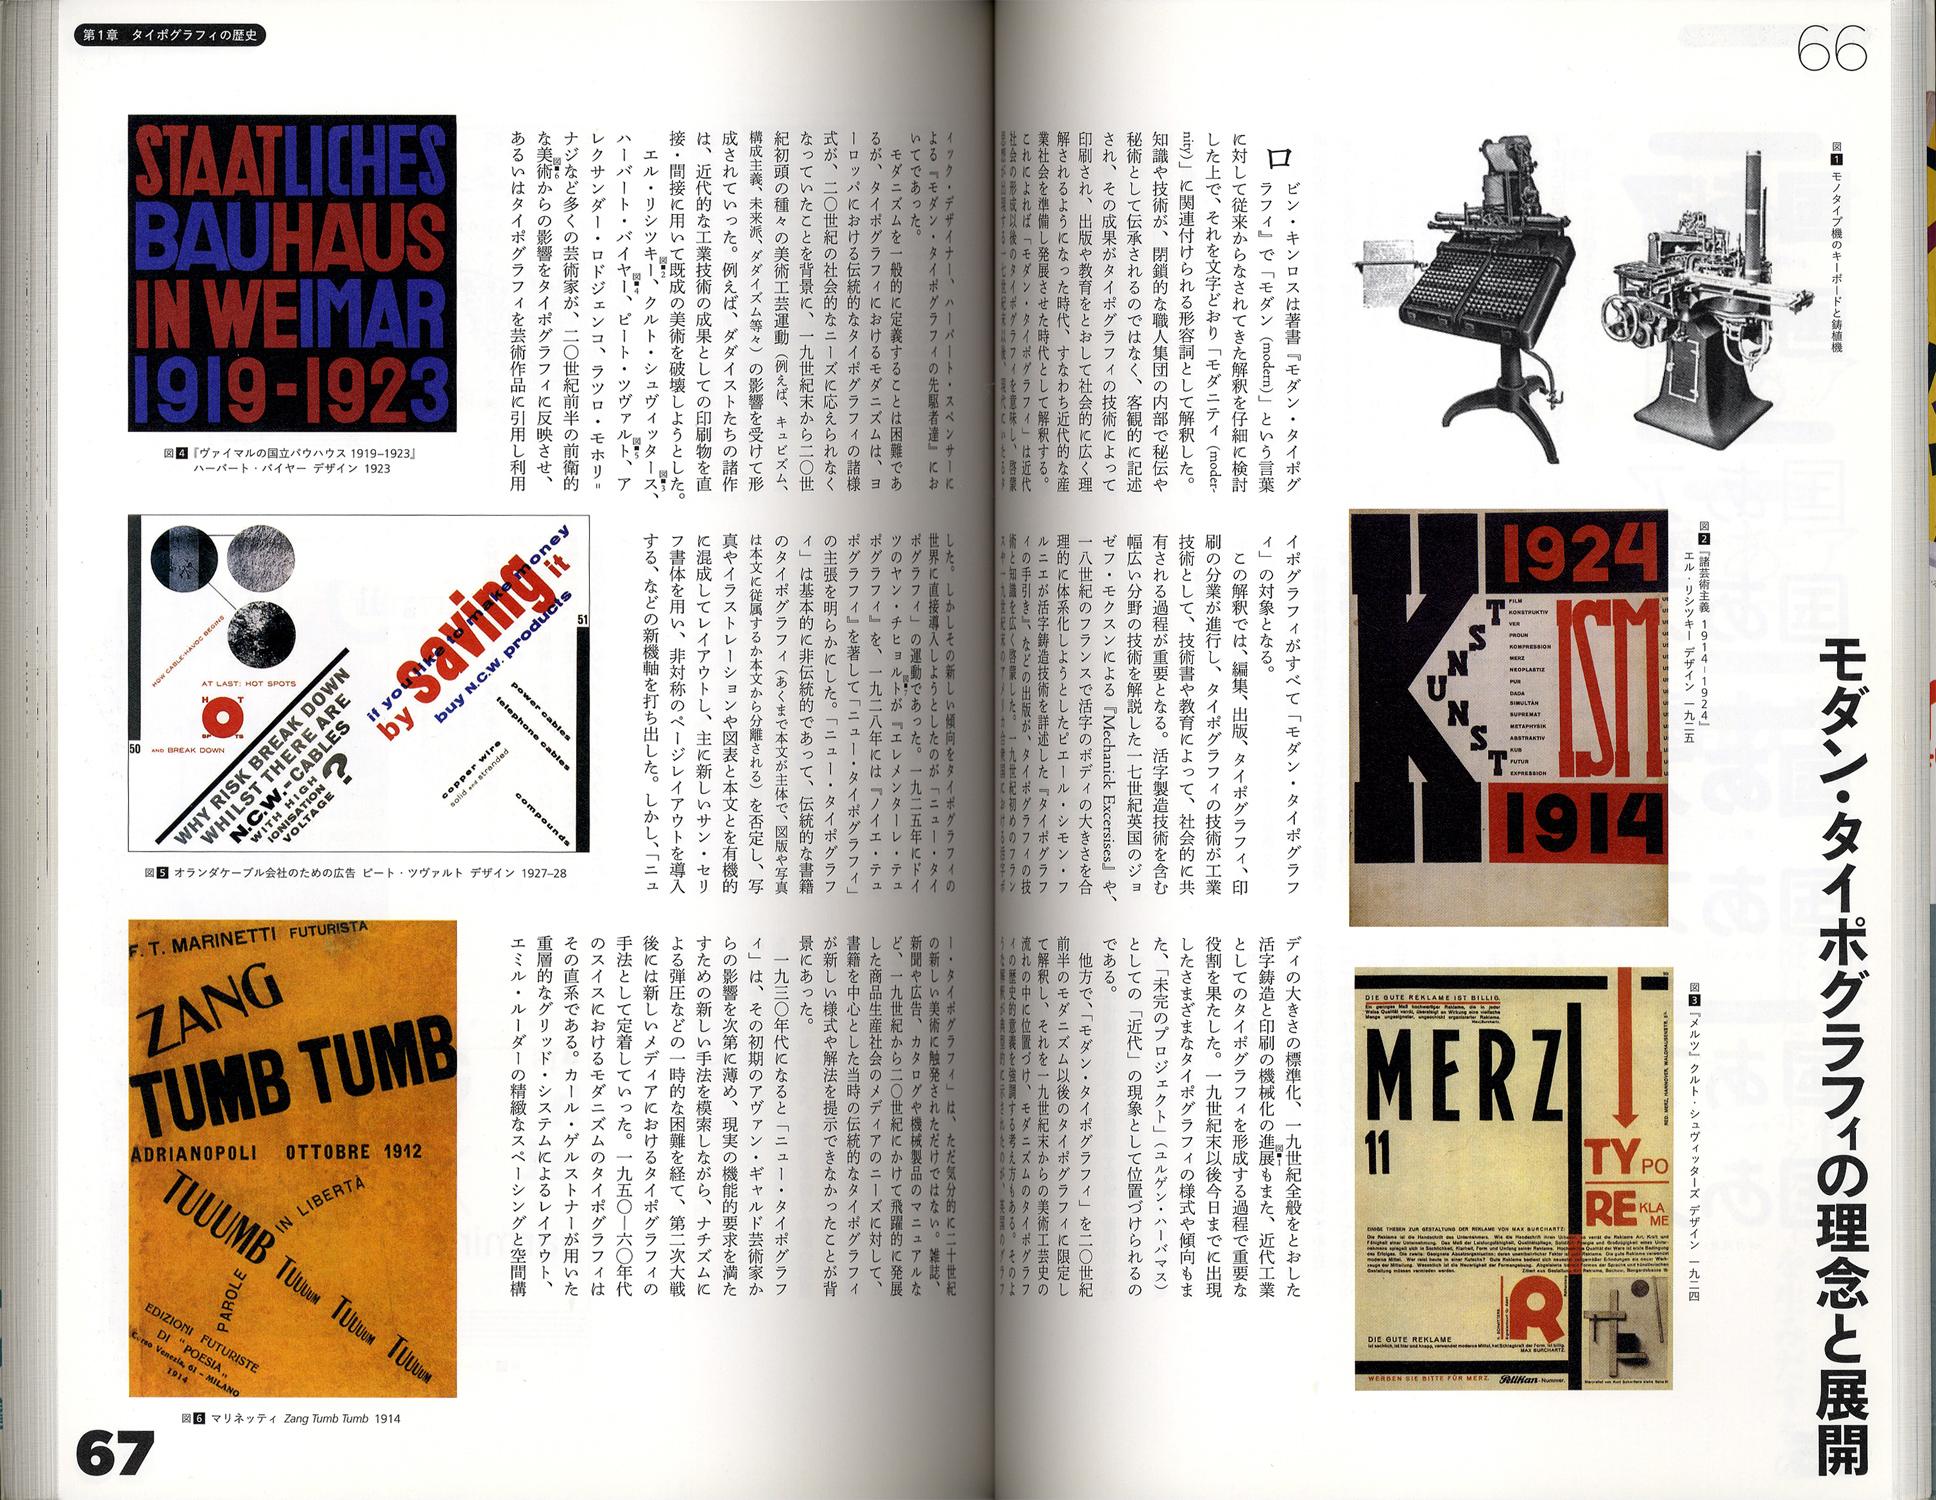 タイポグラフィの基礎 知っておきたい文字とデザインの新教養[image4]